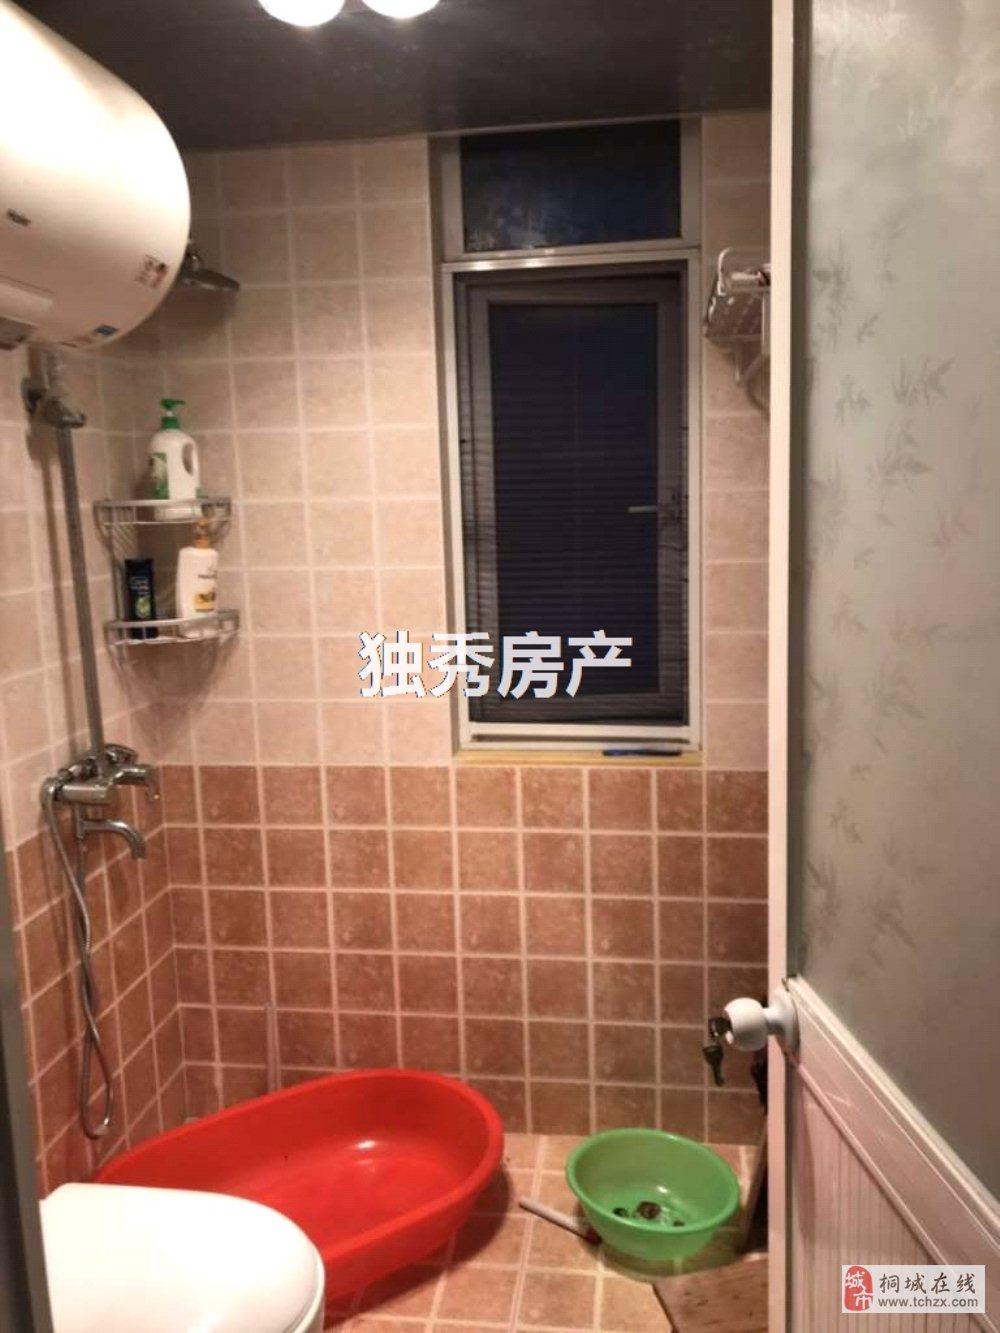 桐乐家园3室2厅1卫桐乐家园万元